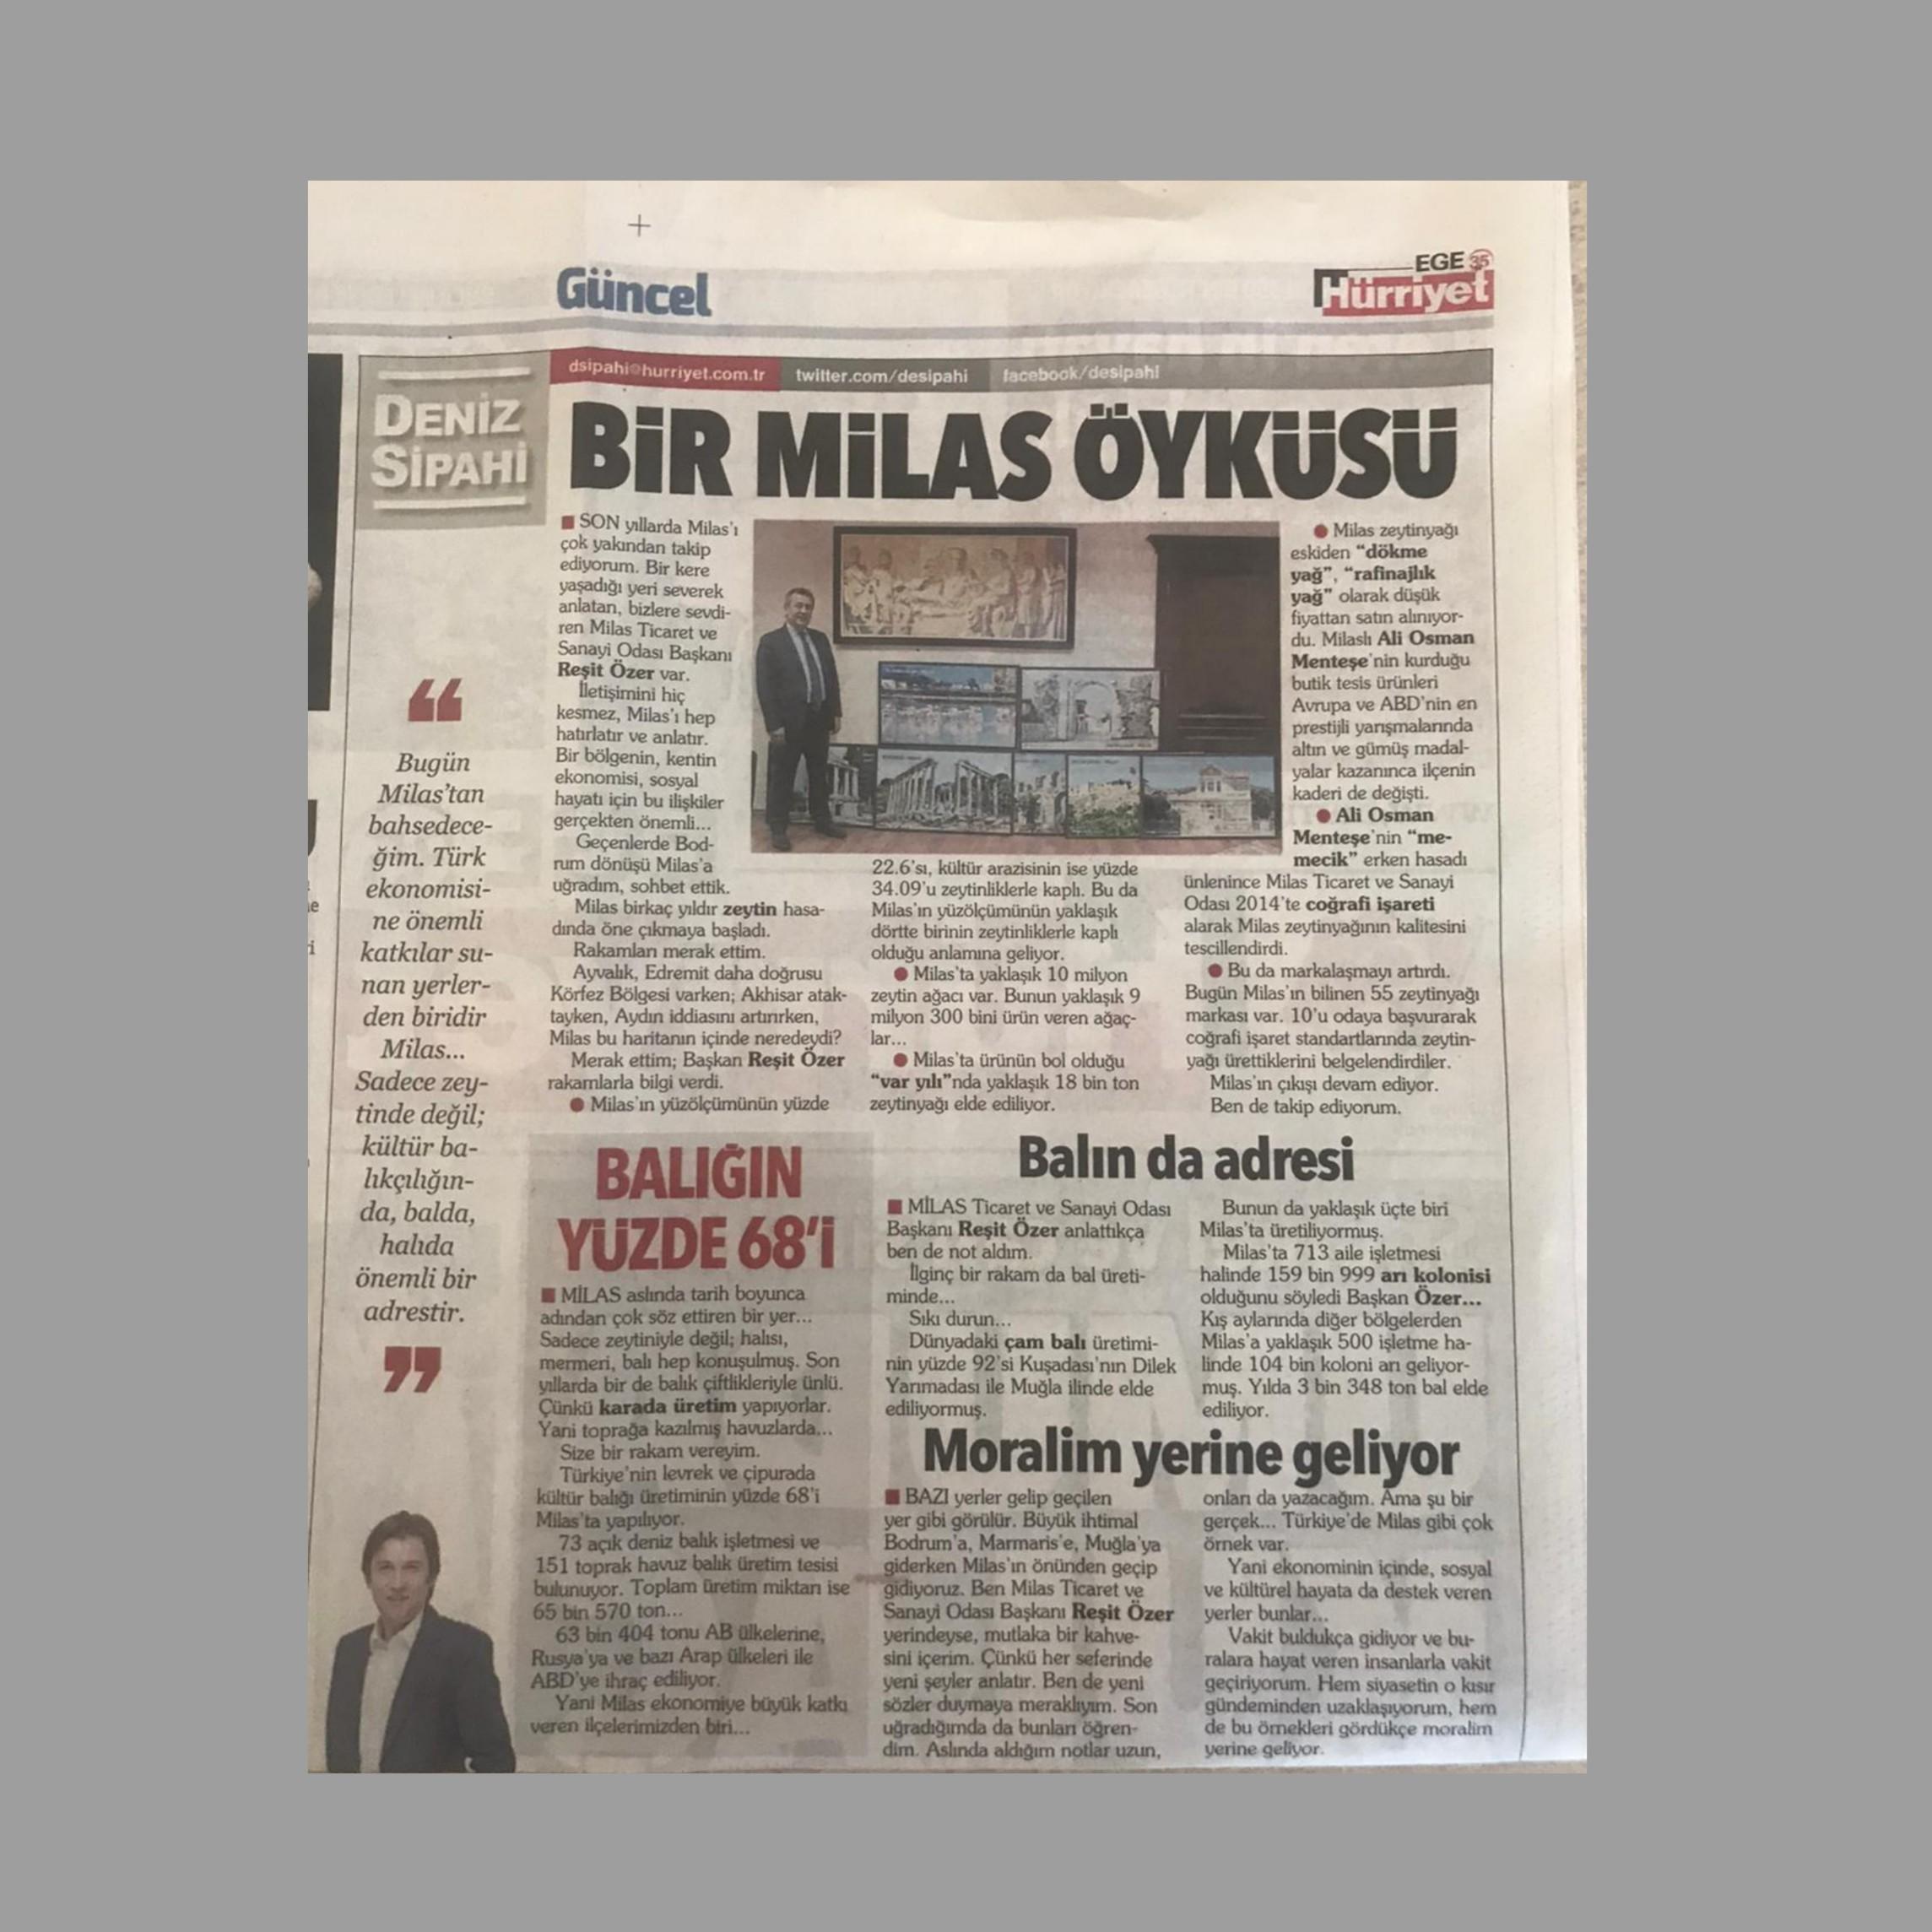 """Hürriyet Ege 35'de Deniz Sipahi'den """"Bir Milas Öyküsü"""""""